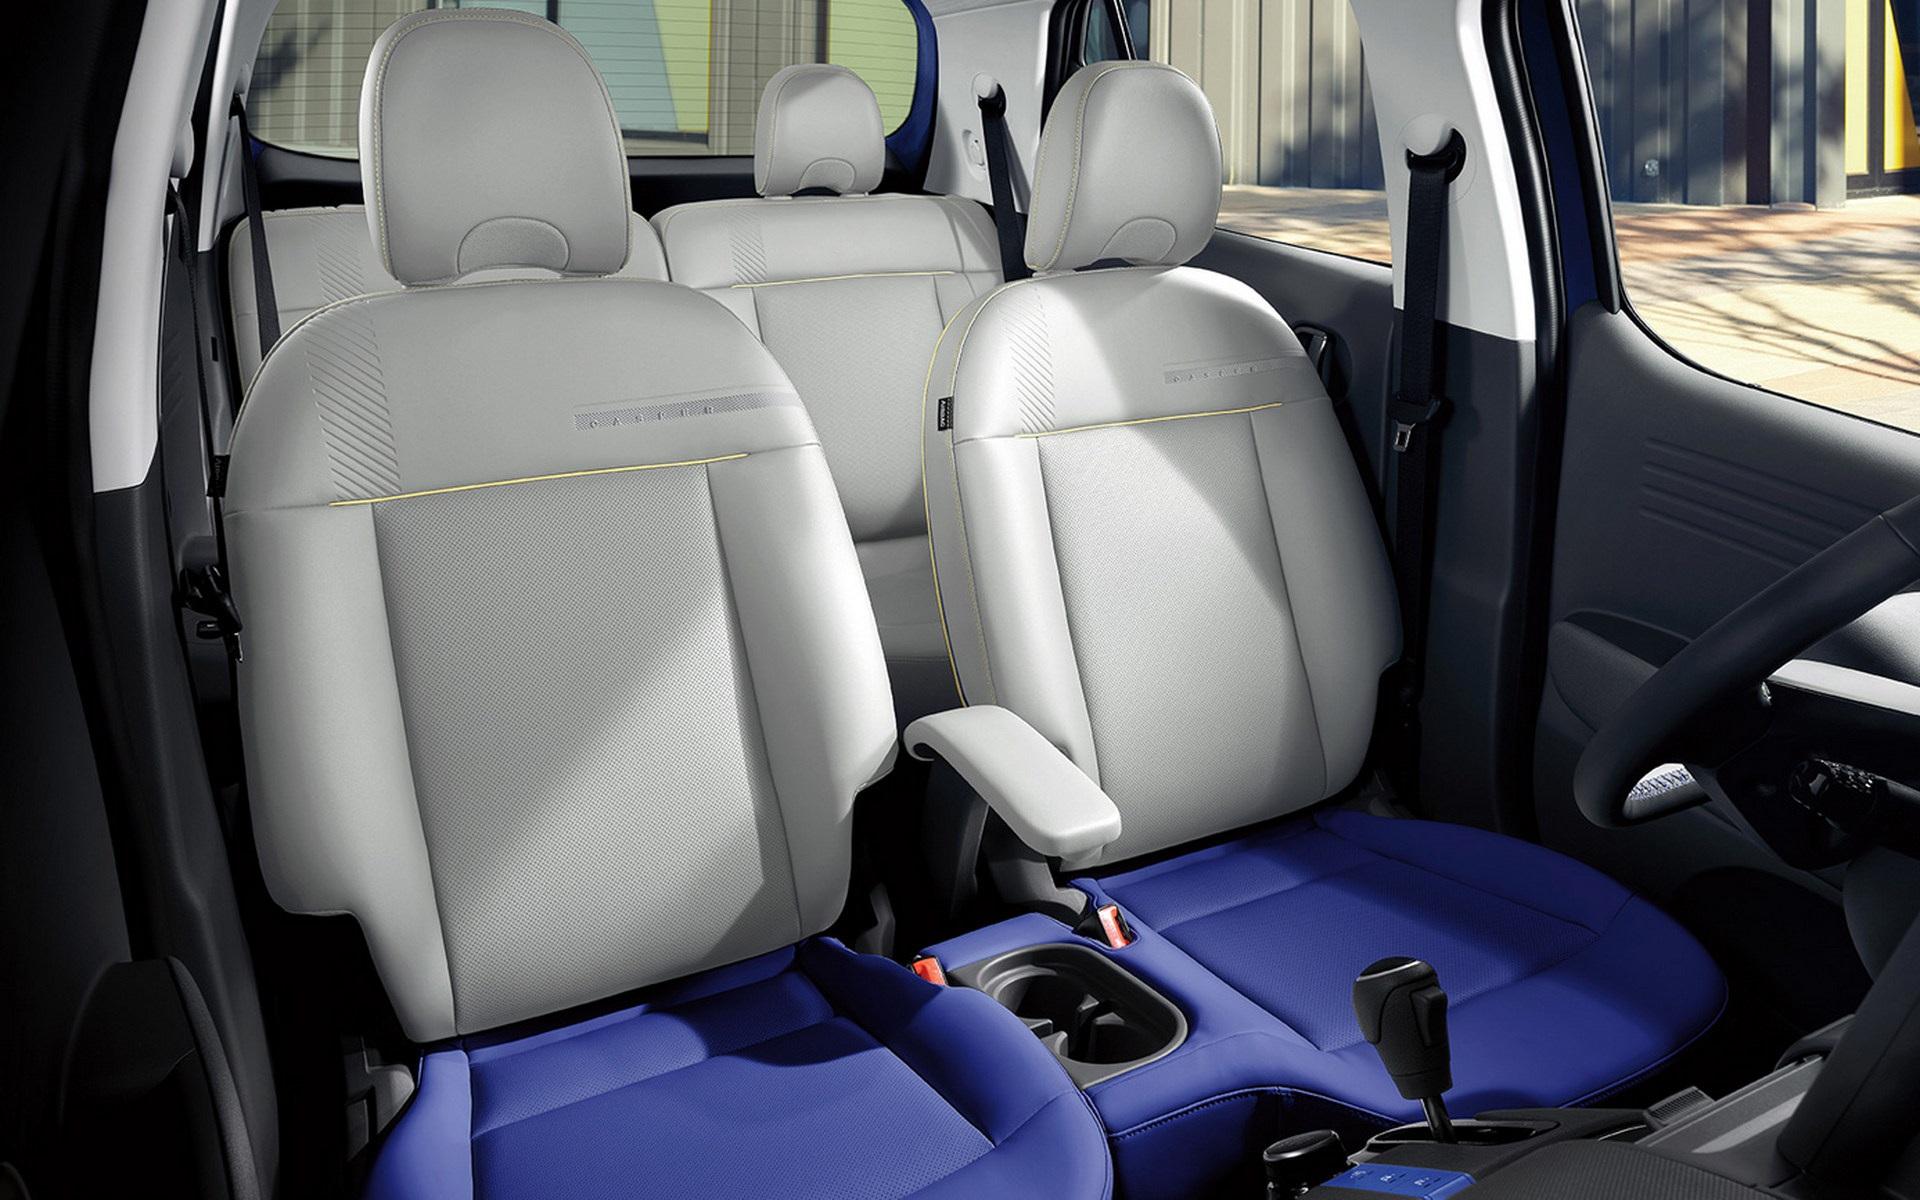 Mở bán tân binh Casper- mẫu SUV rẻ nhất của Hyundai - Ảnh 14.